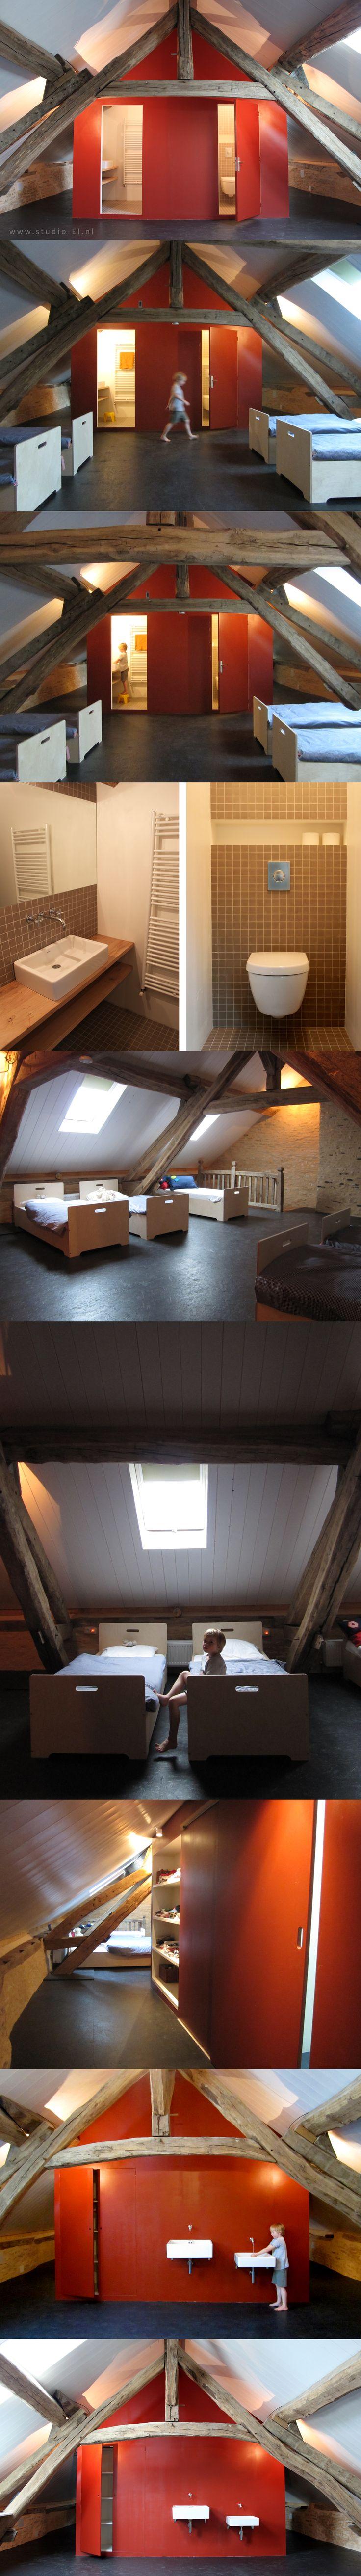 studio-EI  --  Interior Design  |  Zolder 02 Frankrijk.:  kinderslaapzolder, kinderbedjes, badkamer, kastenwand en atelier. Boerderij, Frankrijk.  |  www.studio-ei.nl